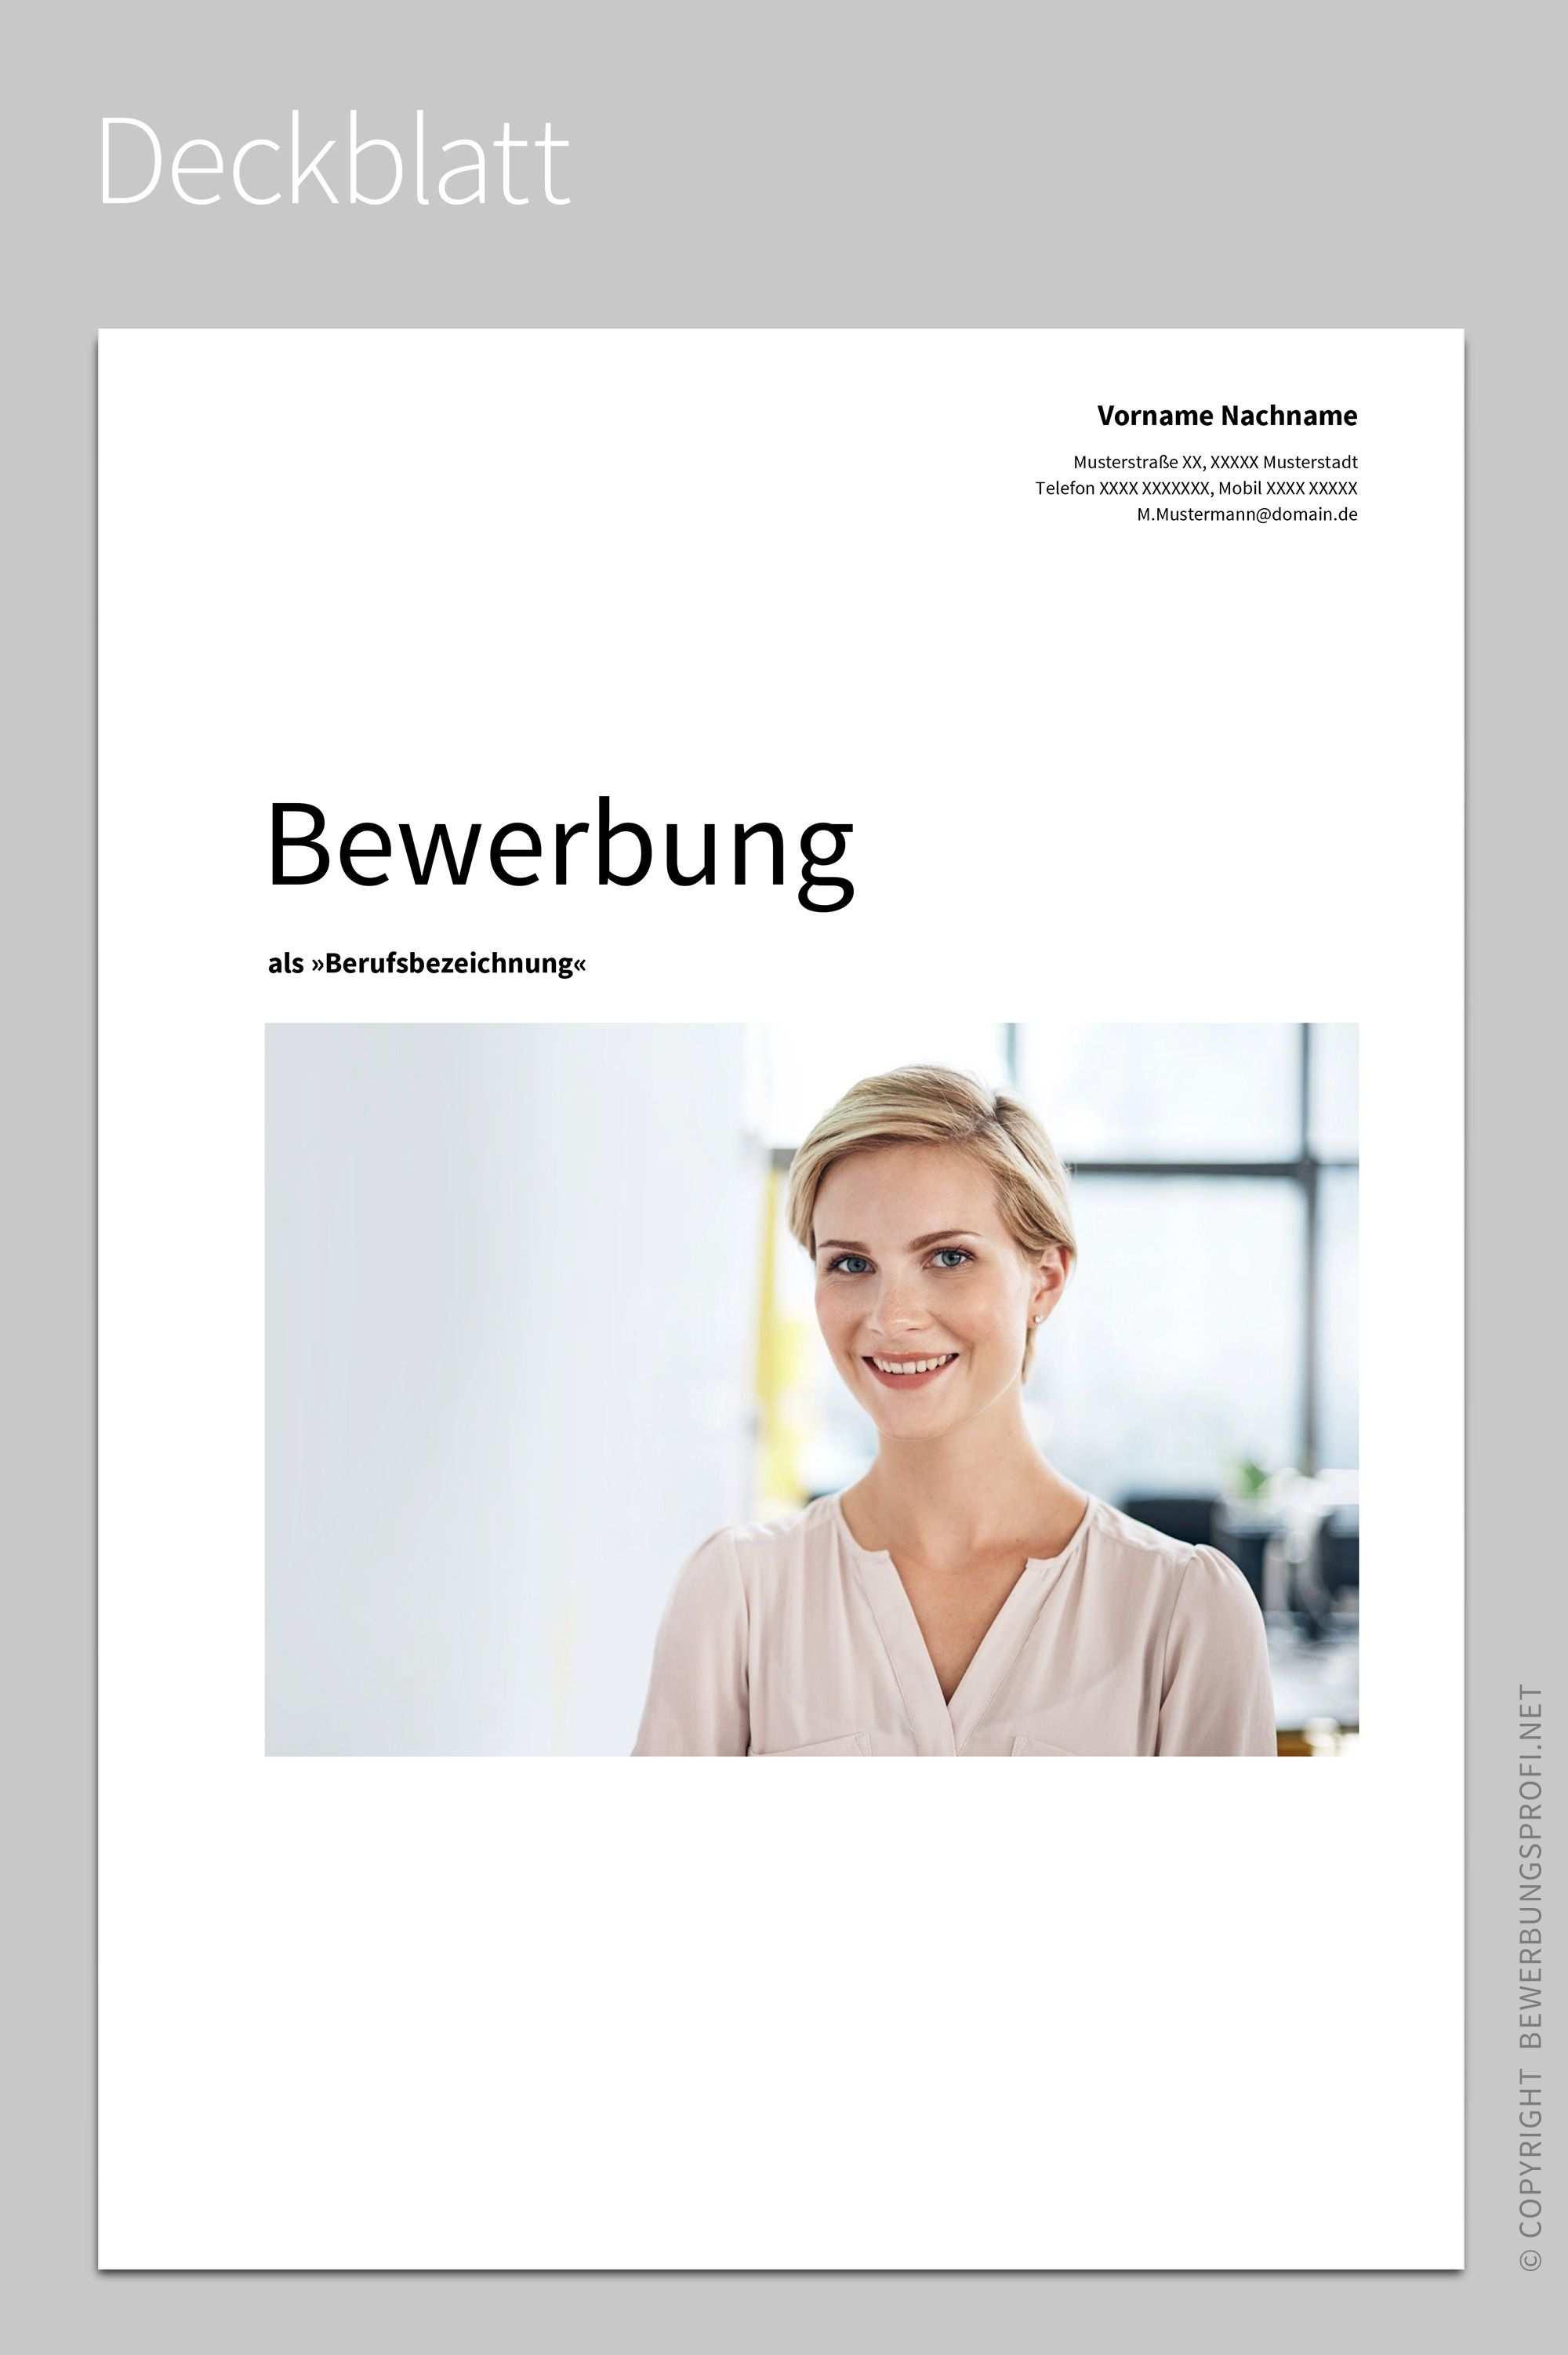 Bewerbung Albus 2020 In 2020 Deckblatt Bewerbung Bewerbung